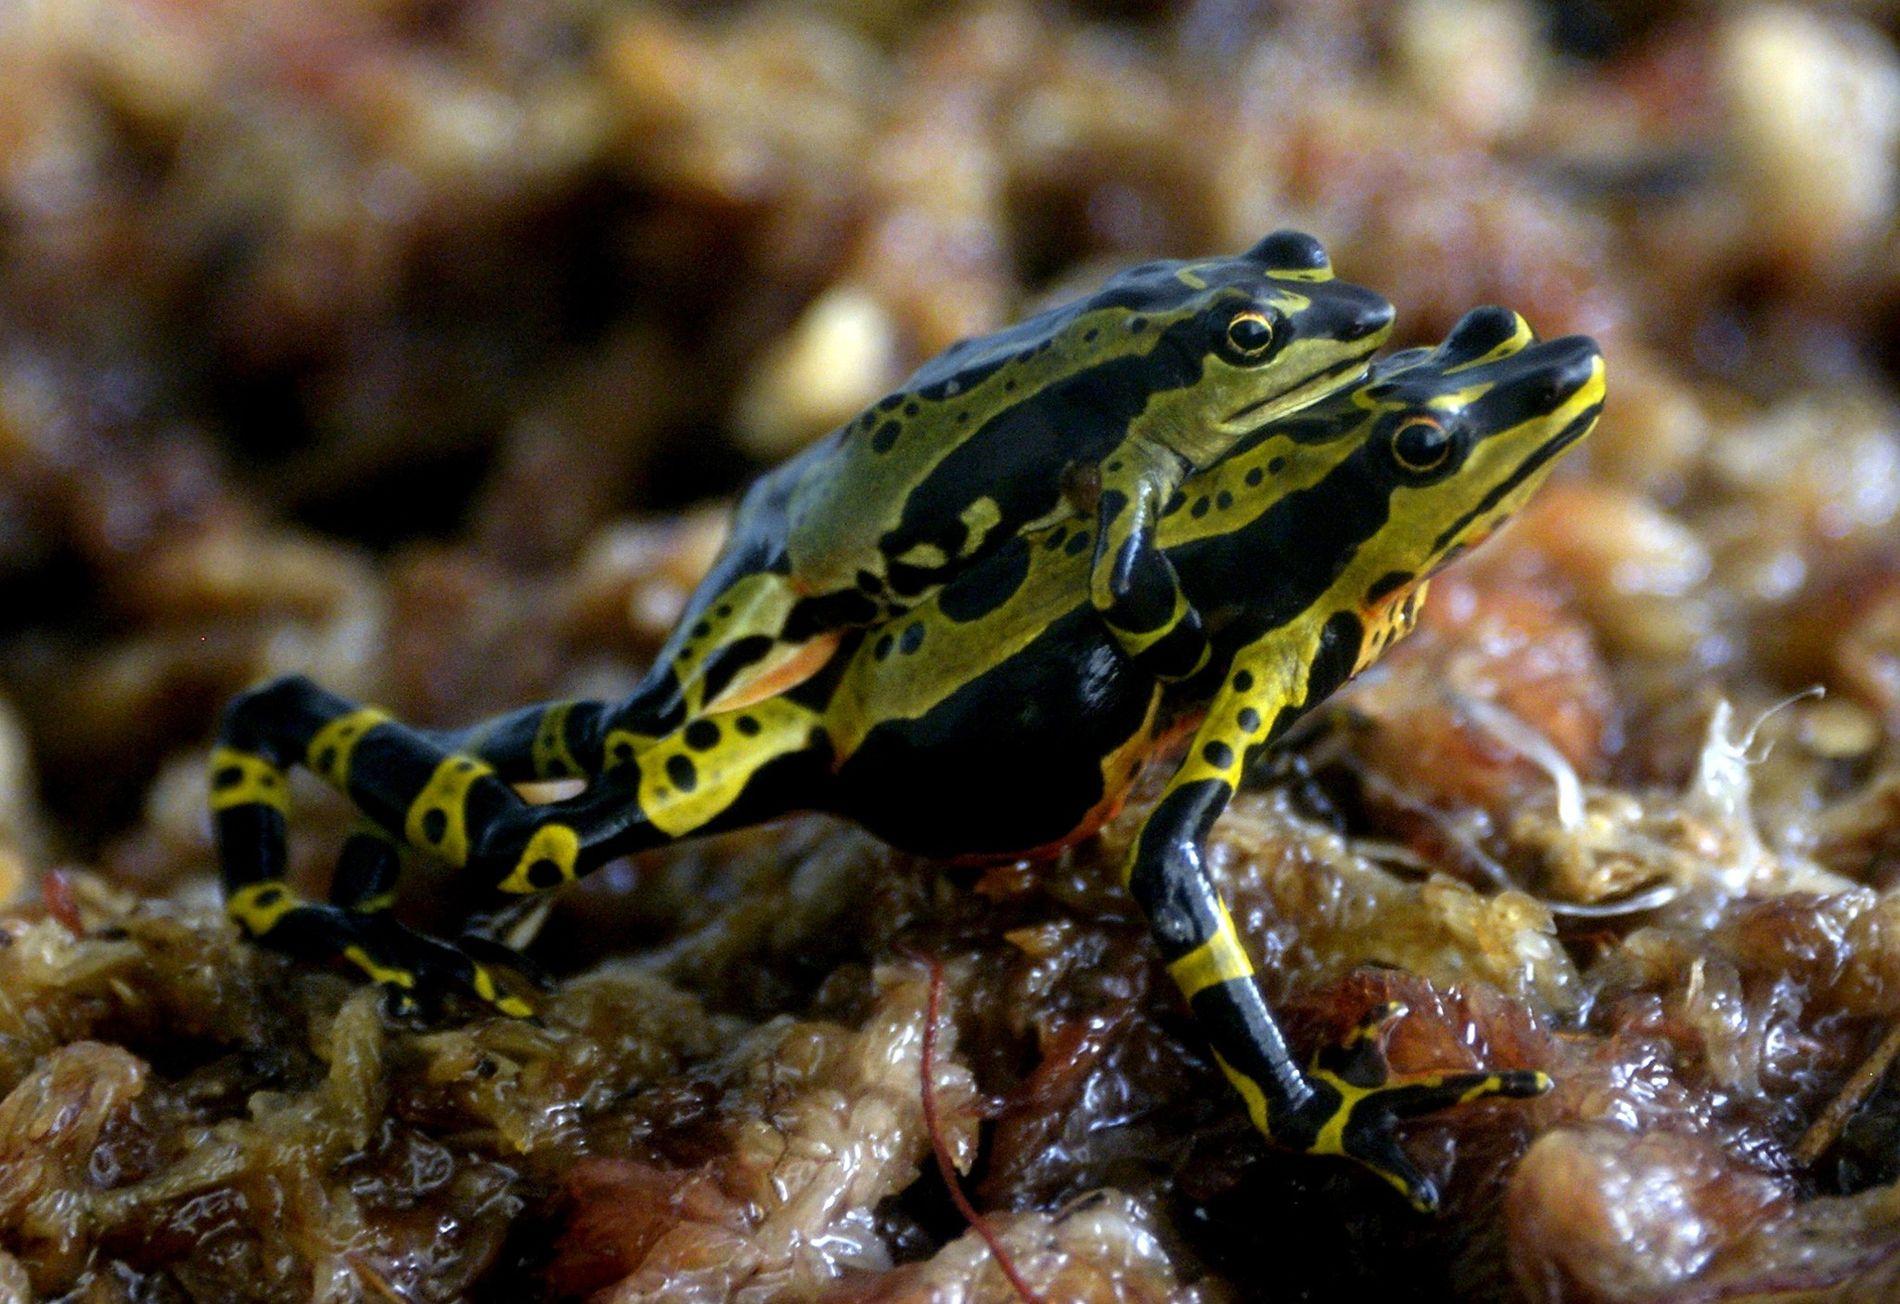 La grenouille venimeuse de l'espèce Atelopus spumarius.